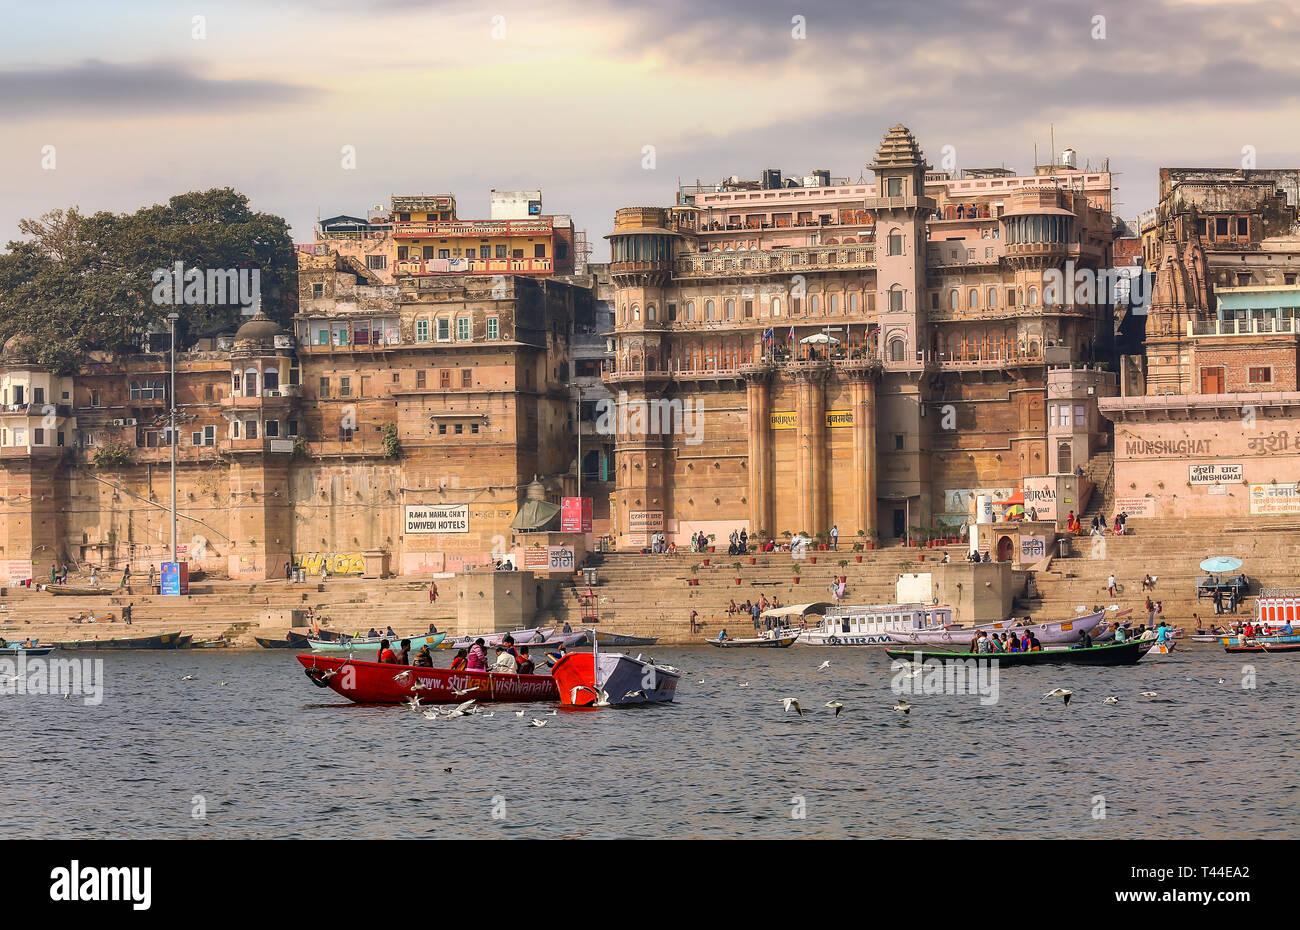 L'architecture historique de la ville de Varanasi avec Ganges river bank au coucher du soleil comme vu à partir d'un bateau Photo Stock